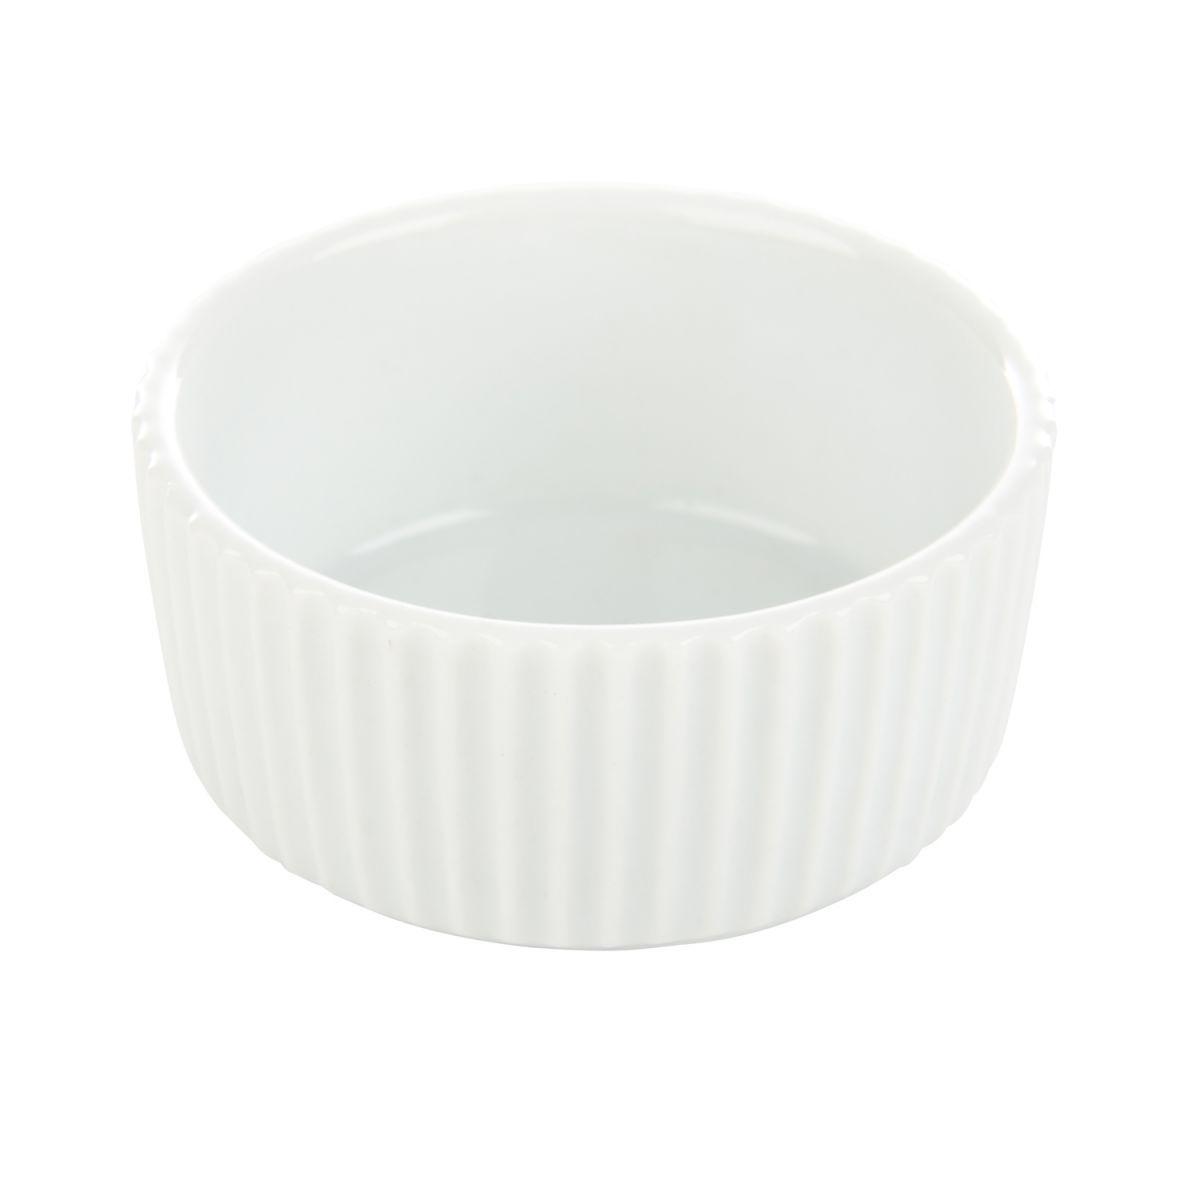 bowl mini 6 cmbox 12